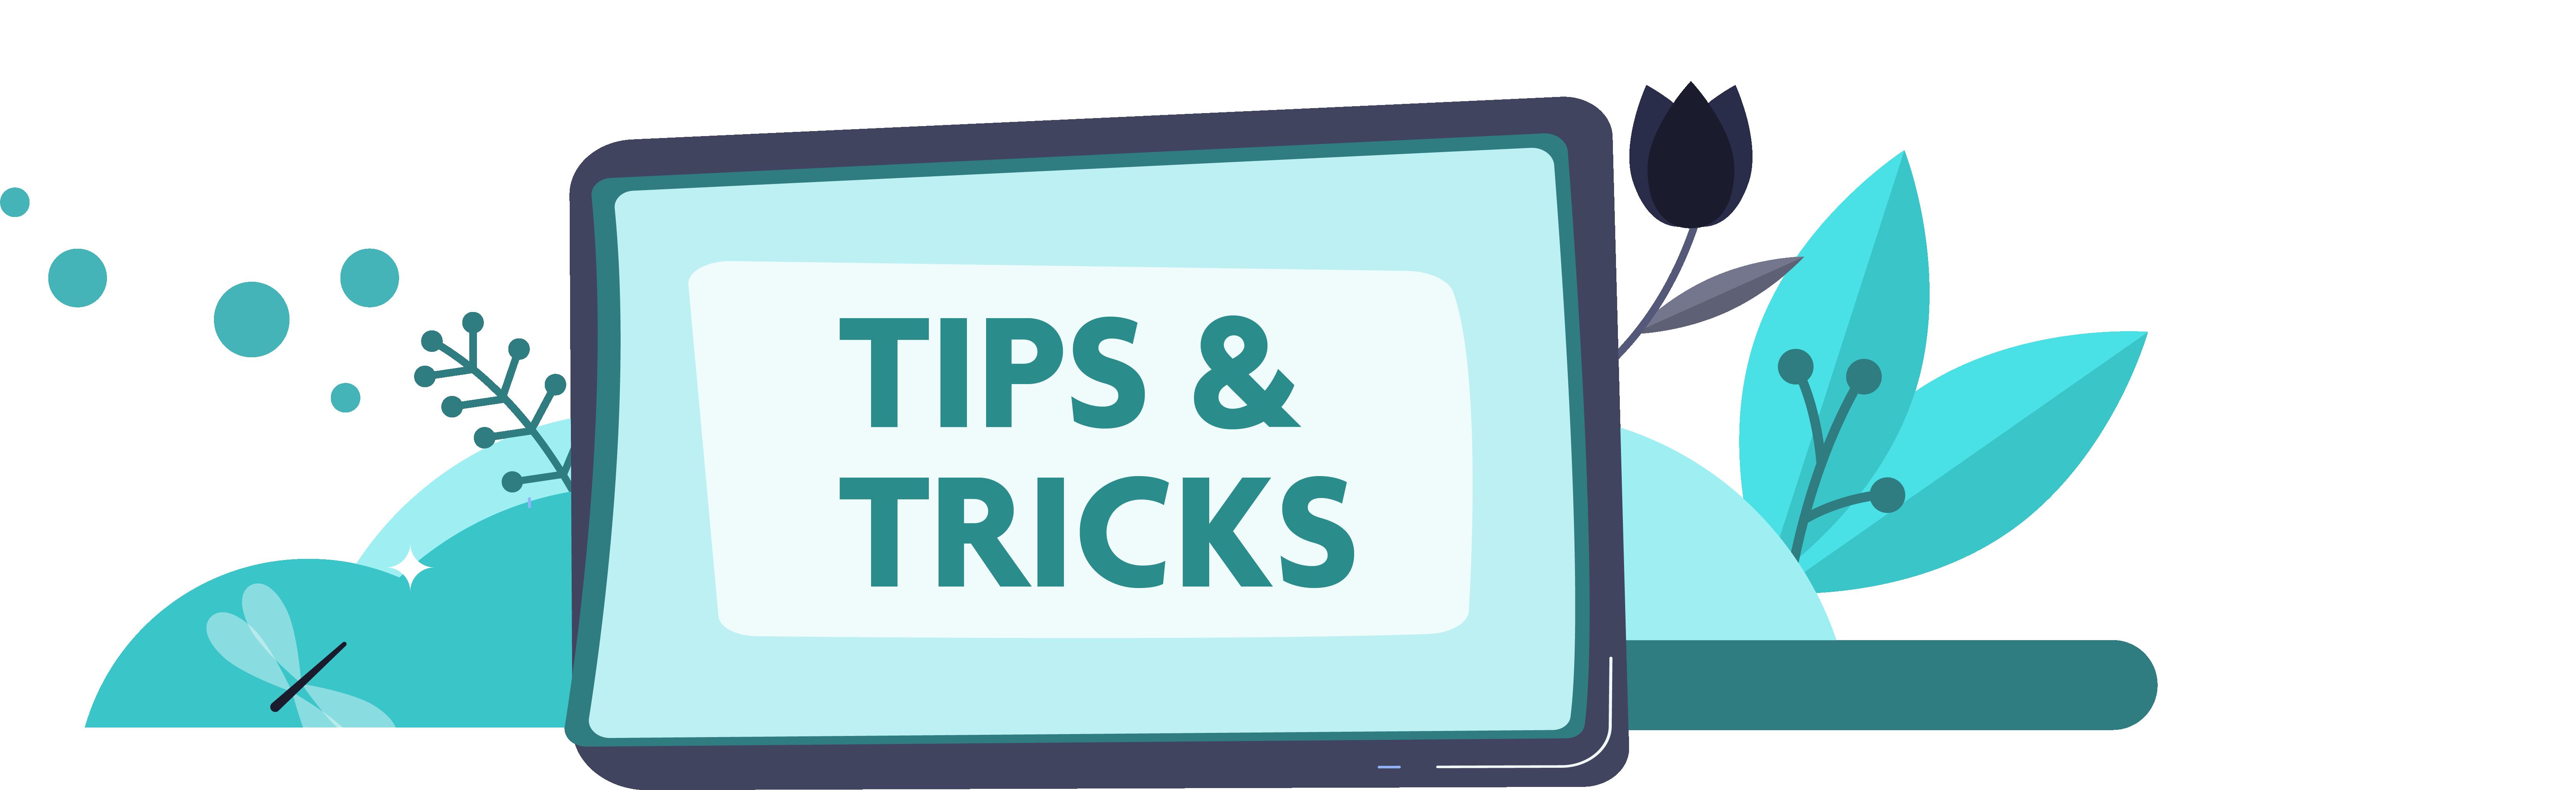 Tips och tricks